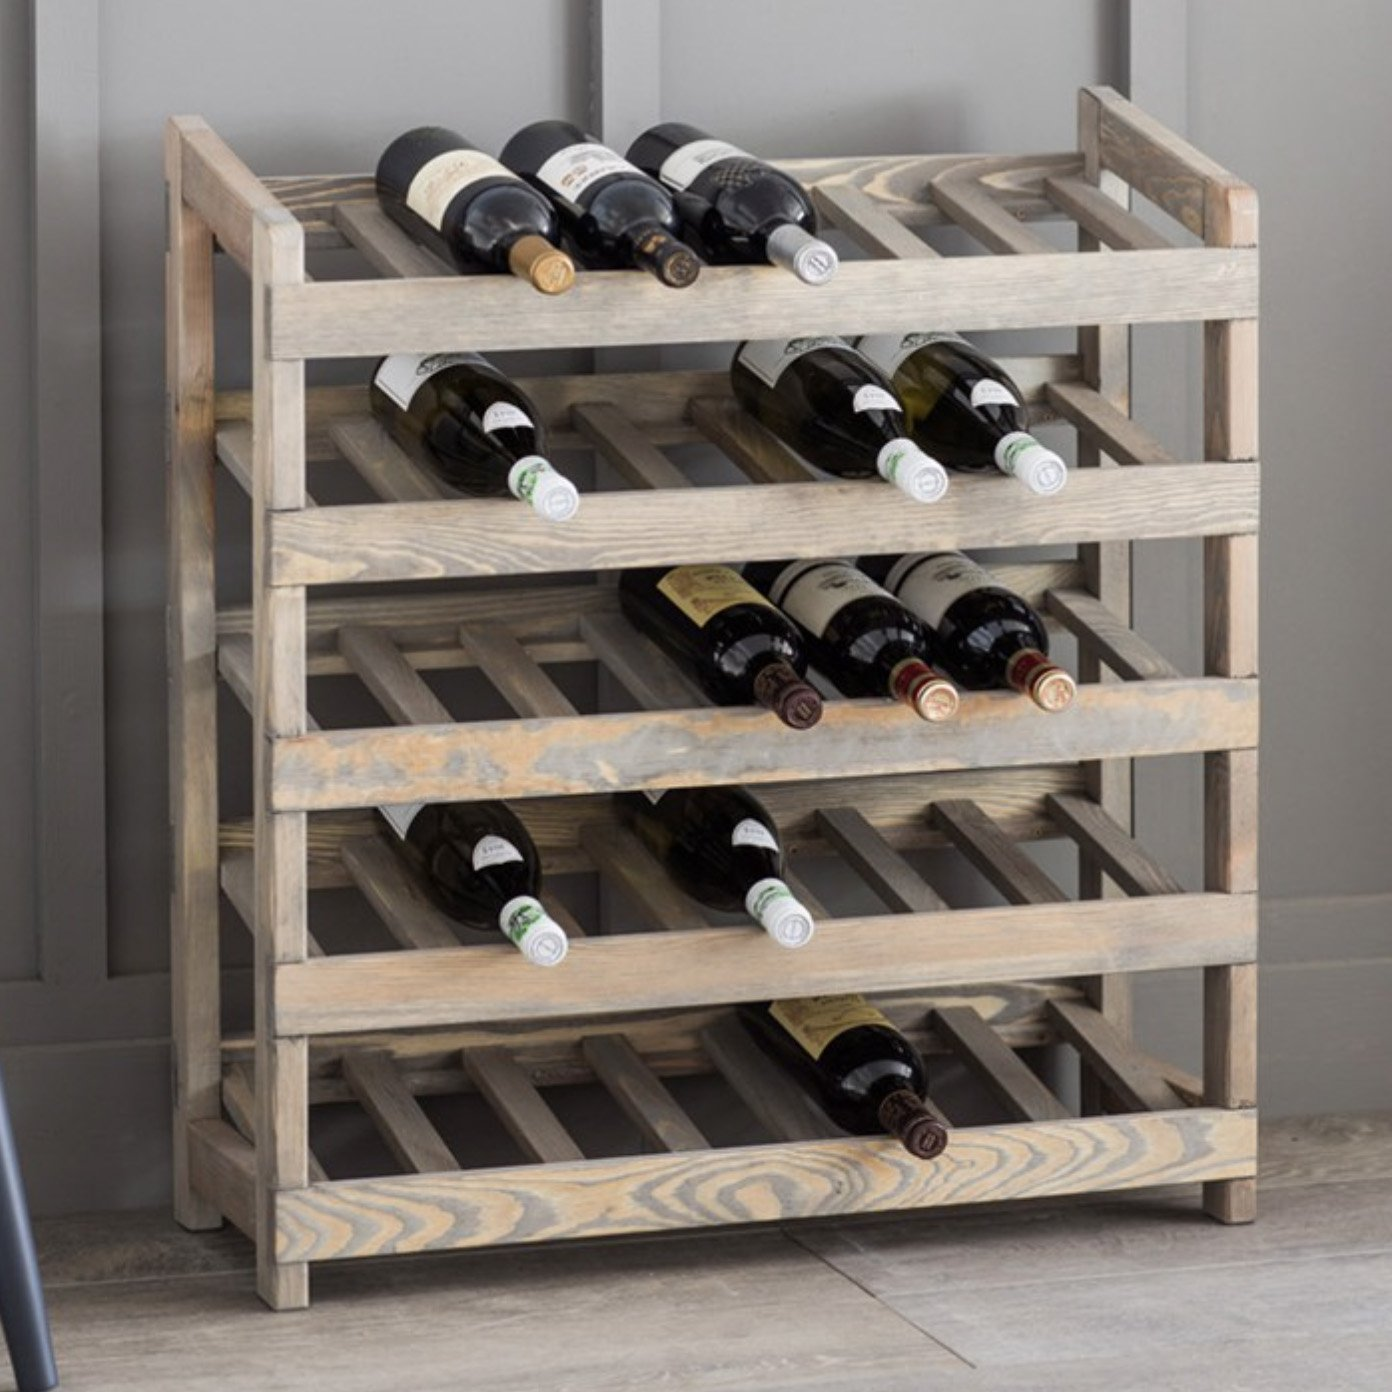 CKB Ltd® Deluxe Deluxe Deluxe 35 Flaschen Groß Wine Rack Weinregal Flaschenständer Holz Freistehende – Wood Spruce - Hölzerne Weinflasche Aufbewahrungsfachhalter für Bar Home Kitchen 8bcd29